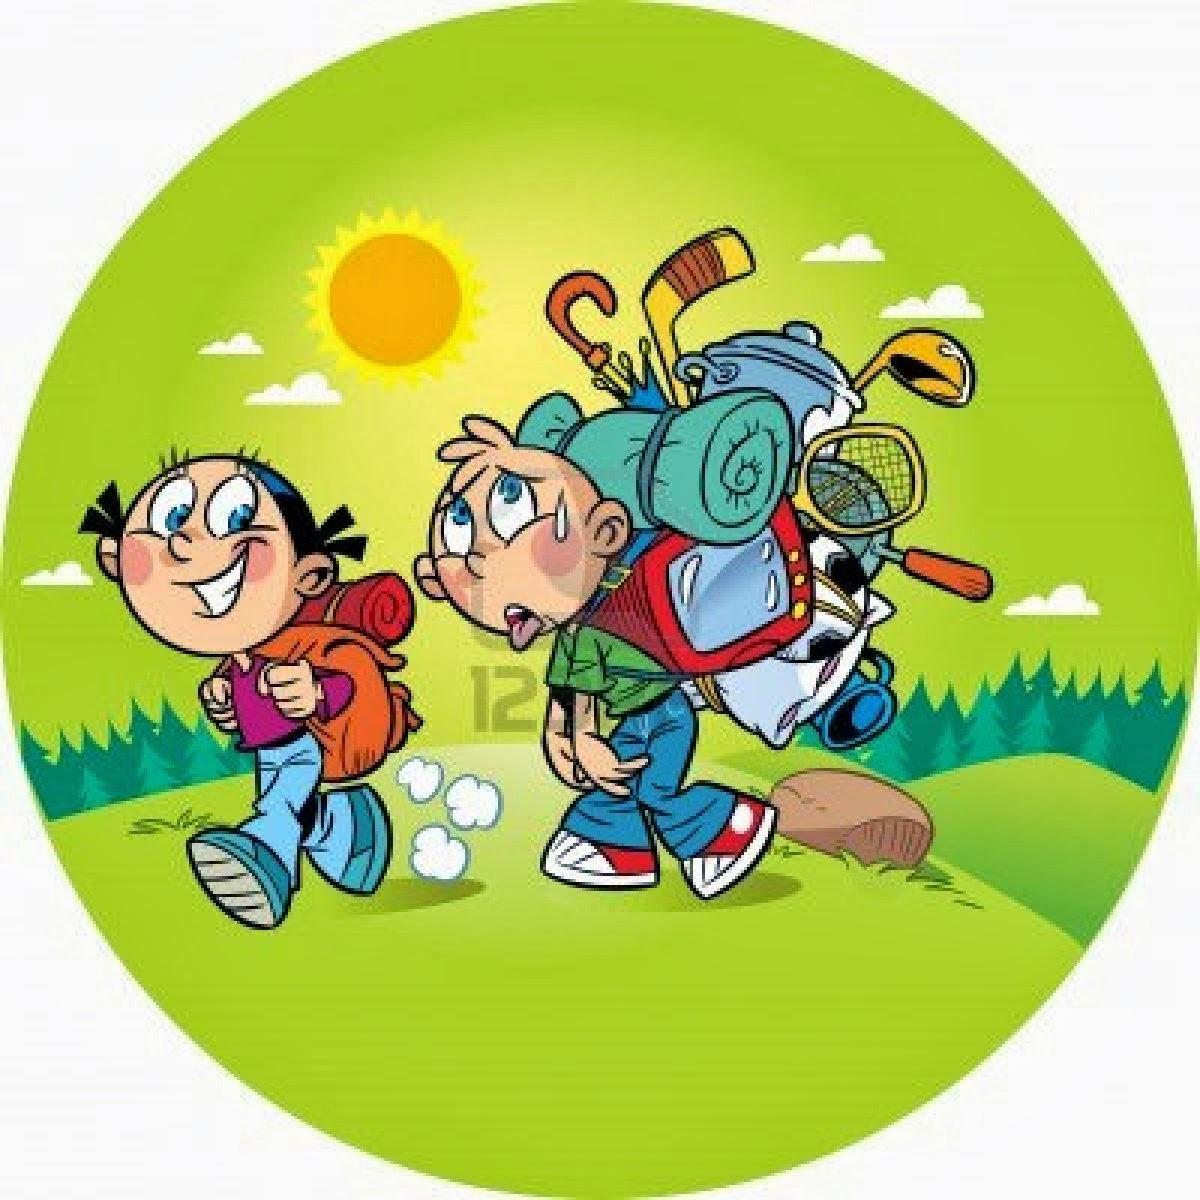 Todo Ministerio Infantil: Campamentos - 44 Juegos para campamentos